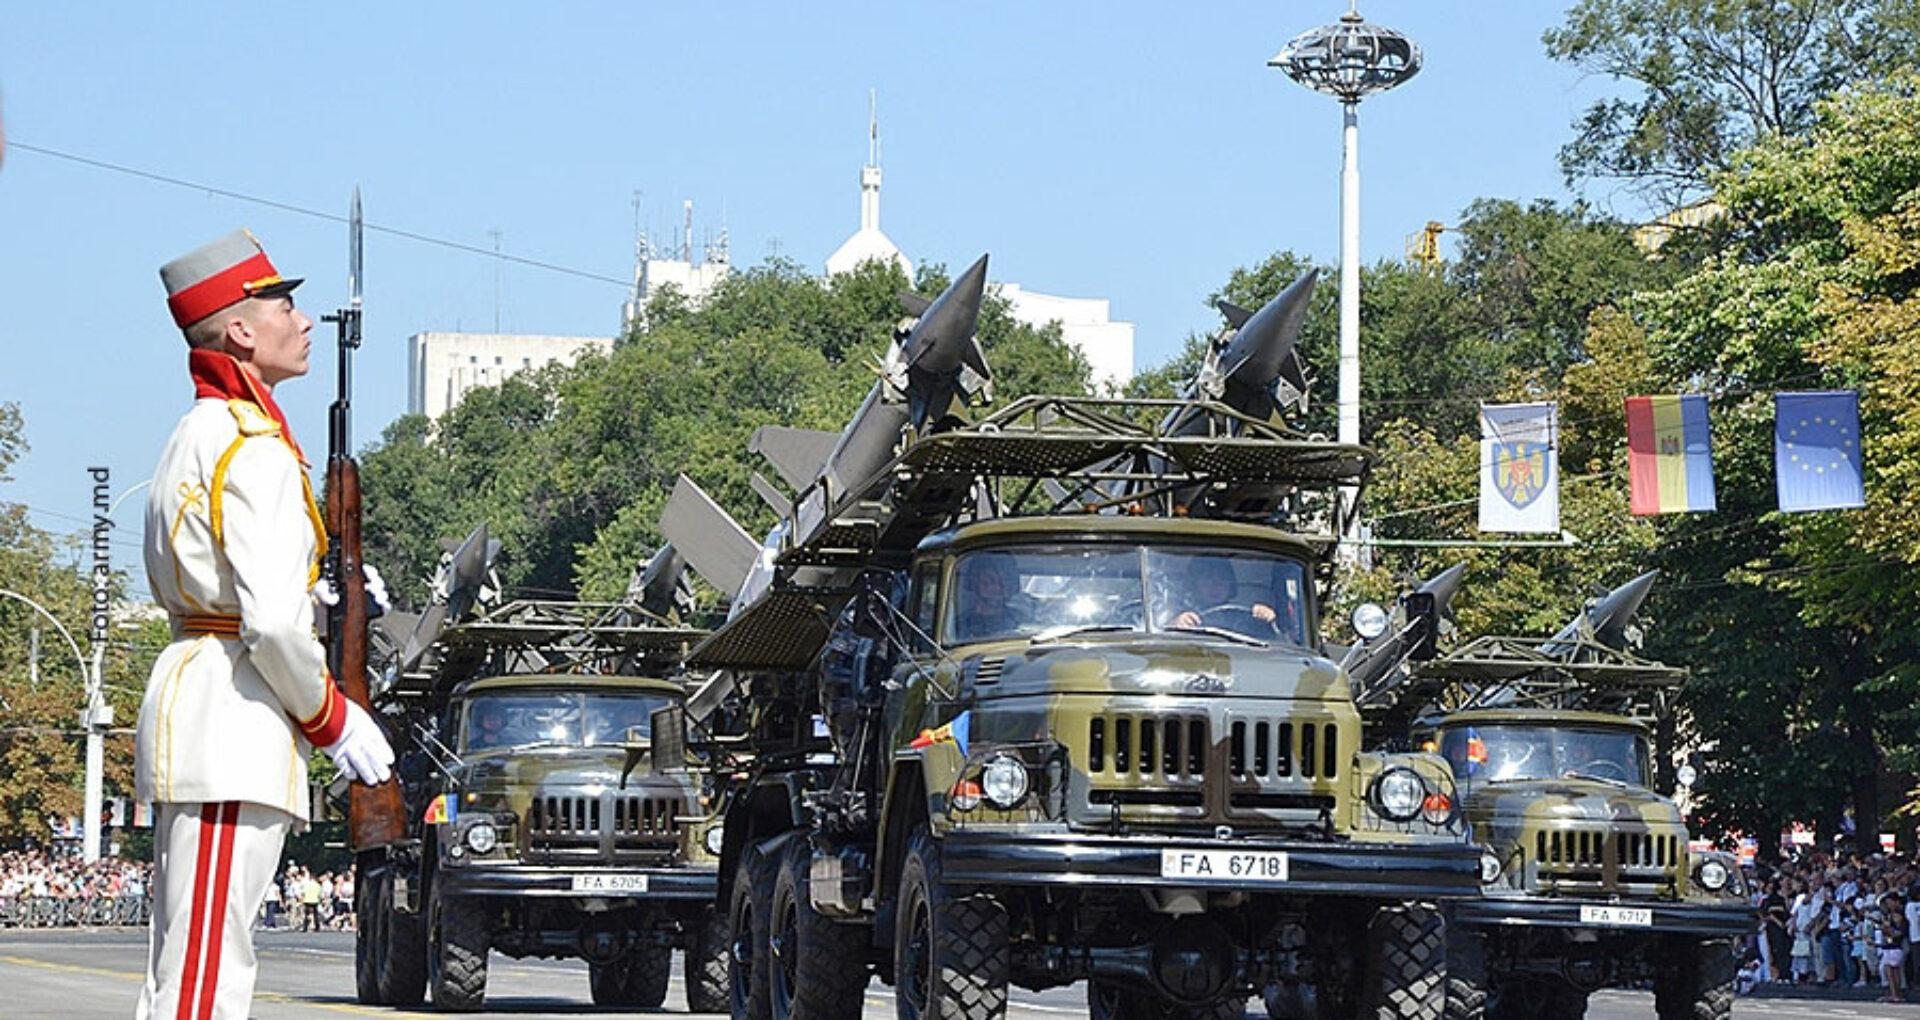 """Complexele de rachete antiaeriene vândute dubios de stat au """"decolat"""" în  taină, dar cu succes"""